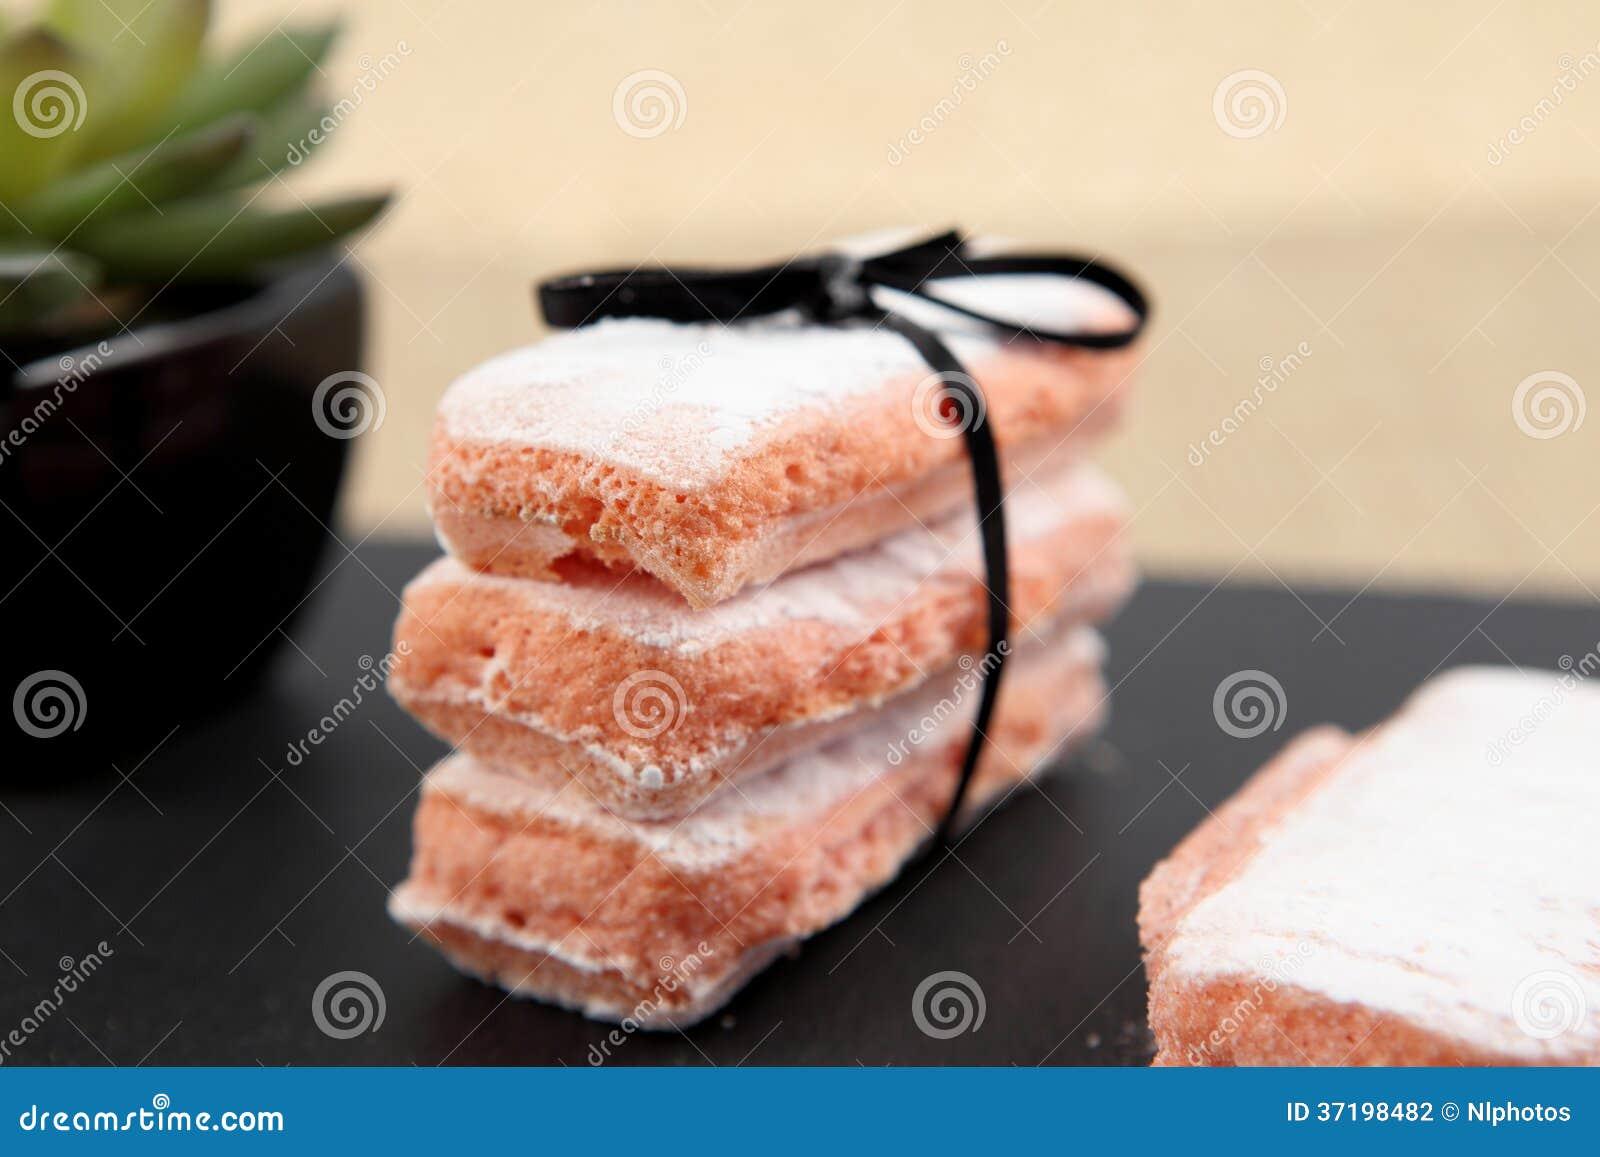 Biscuit Rose De Reims Alchetron The Free Social Encyclopedia - Atelier cuisine reims